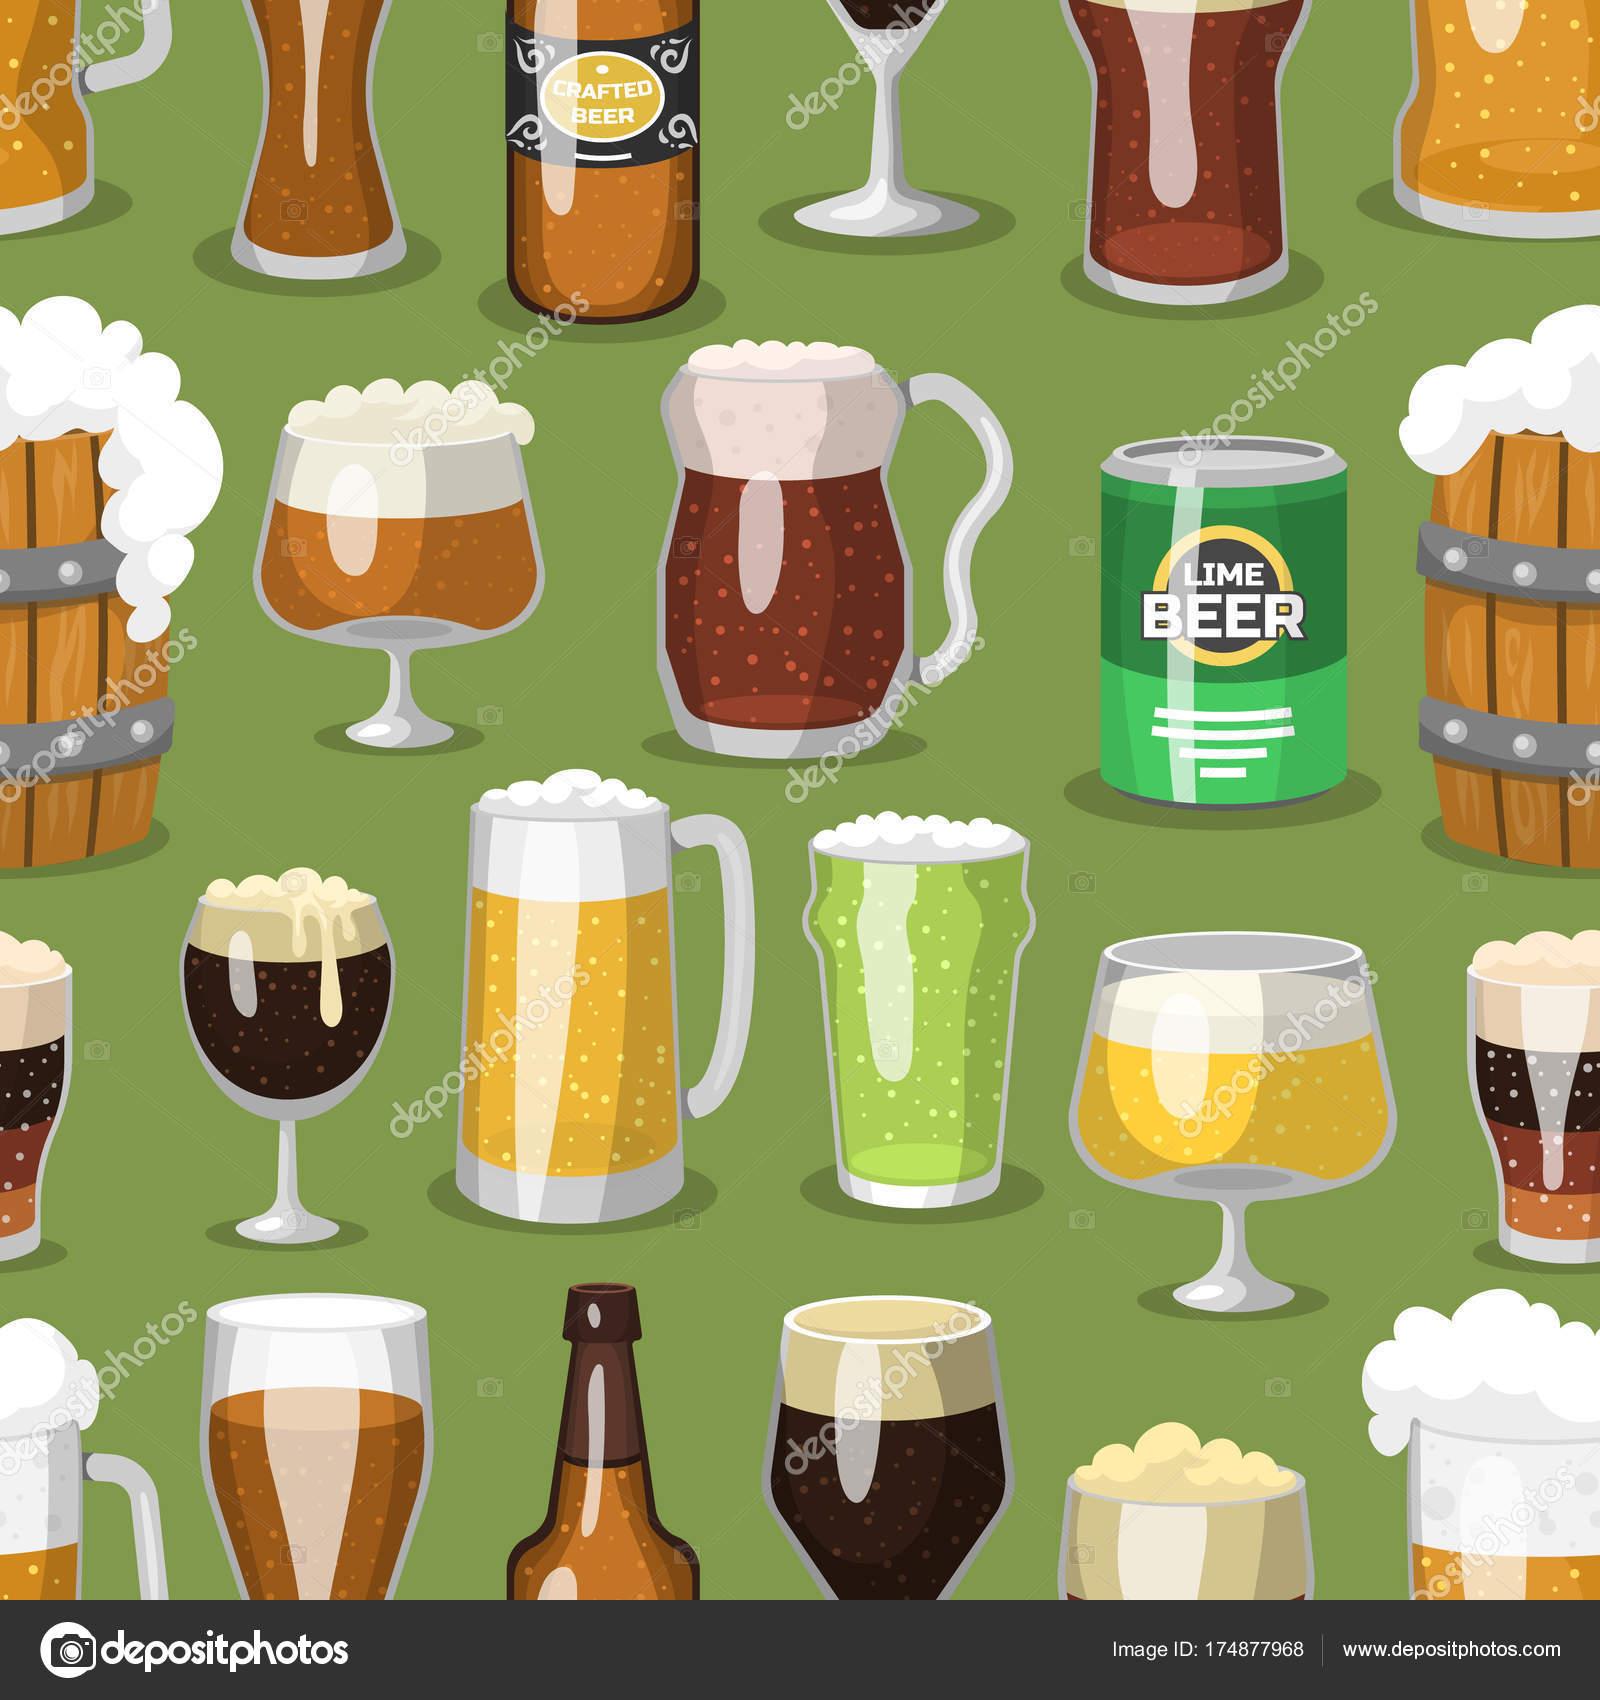 Alkohol Bier Glas Vektor Illustration Erfrischung Bierbrauerei und ...